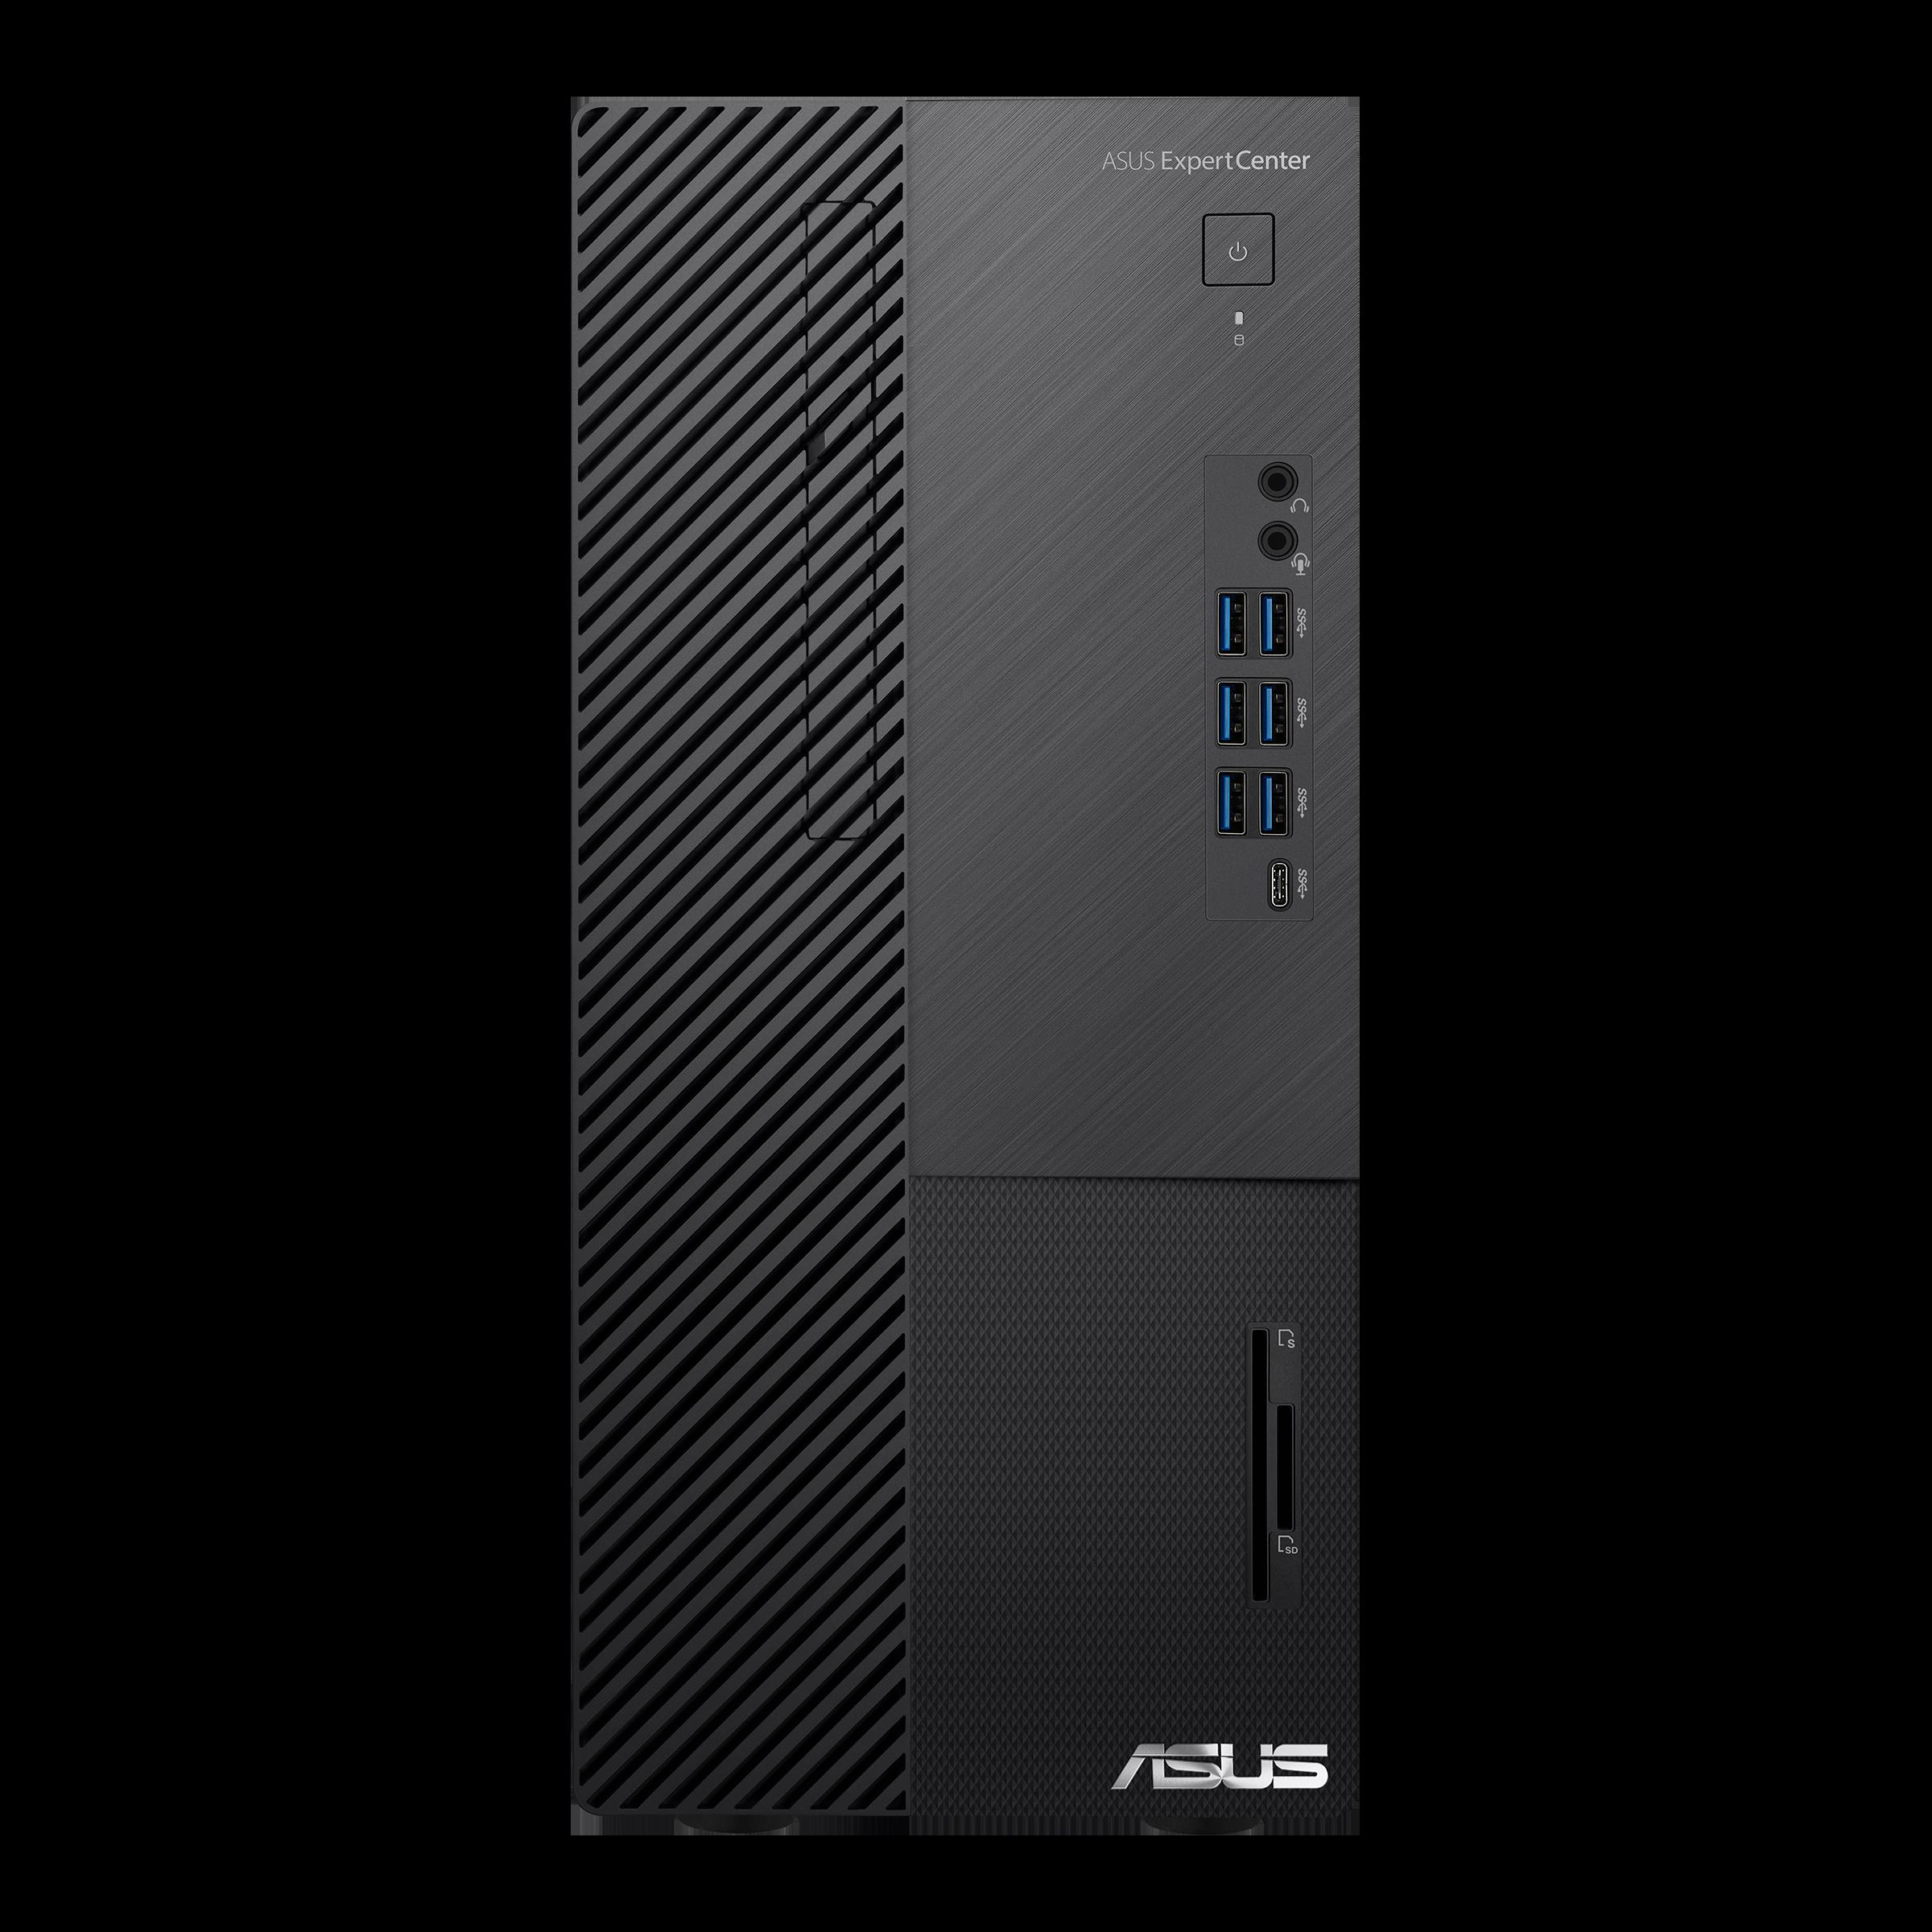 Máy_tính_để_bàn_Asus_D700MA-5104000360